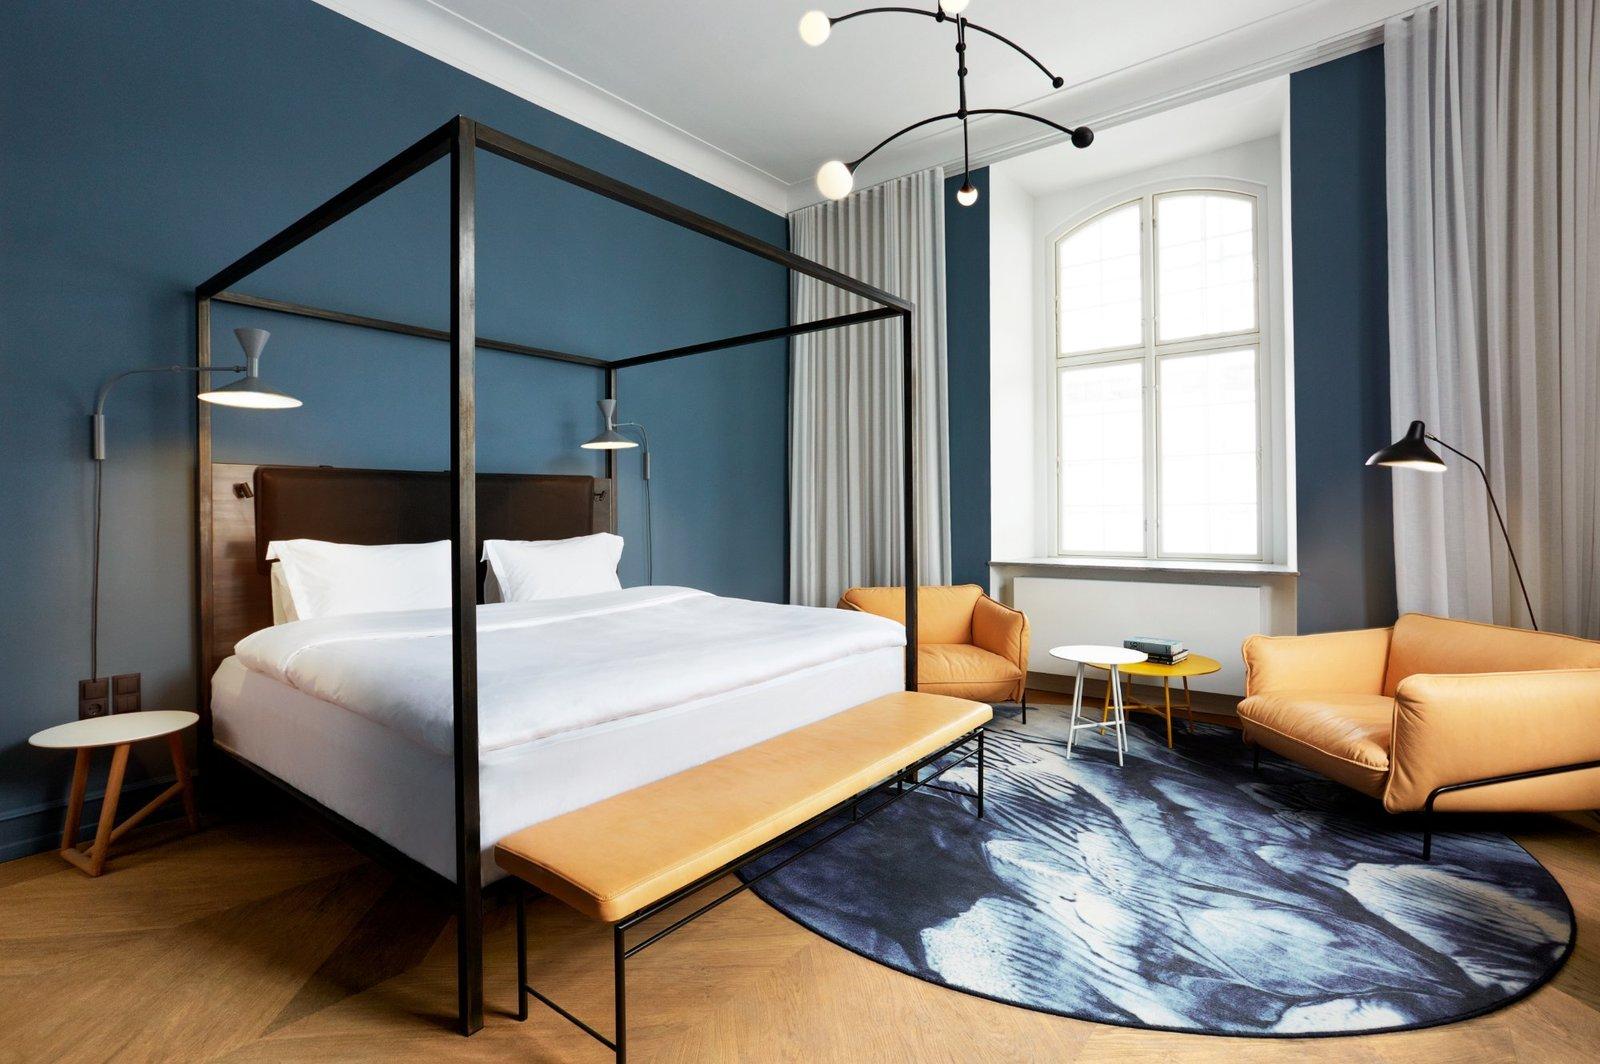 Bedroom, Wall Lighting, Floor Lighting, Chair, Bench, Pendant Lighting, Rug Floor, Night Stands, Medium Hardwood Floor, and Bed  Nobis Hotel Copenhagen